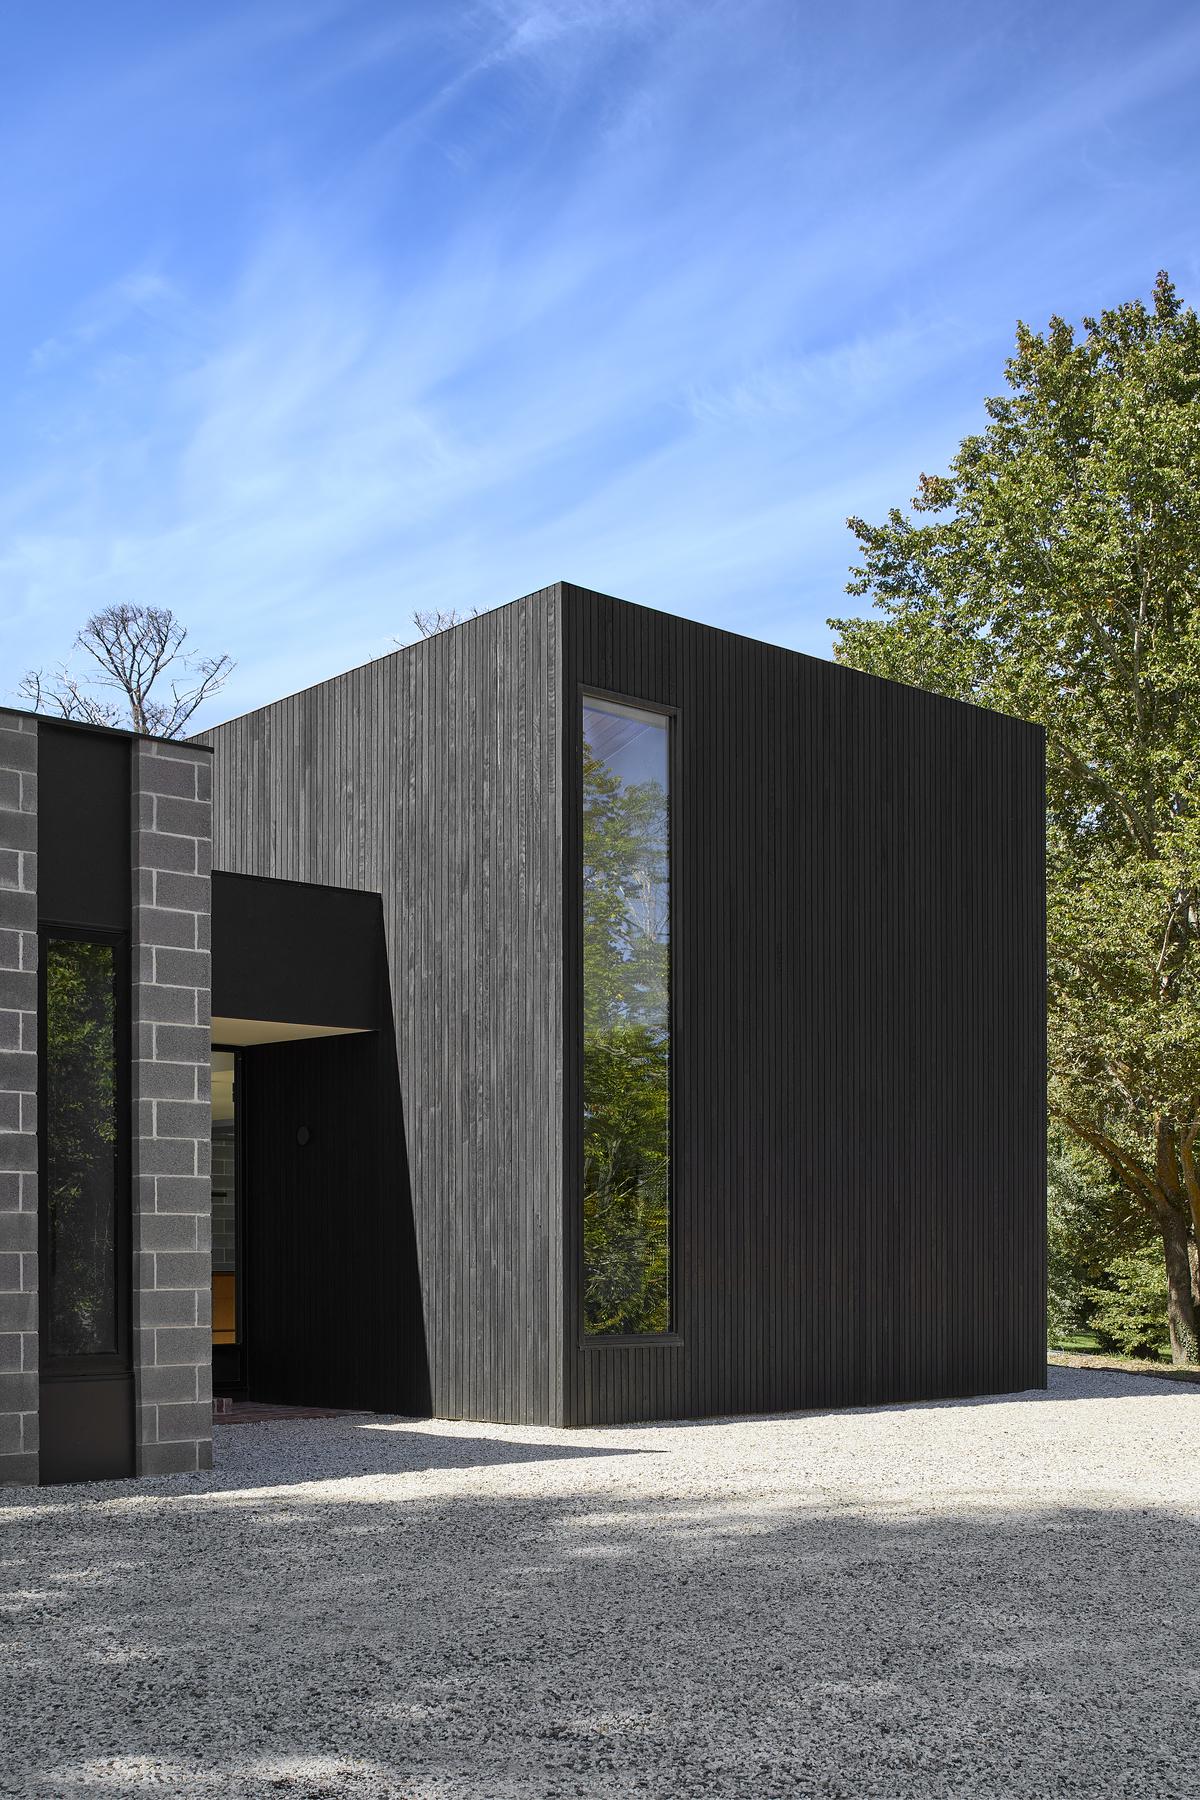 Kyneton House | Design: Moloney Architects | Images: Dave Kulesza | Builtworks.com.au